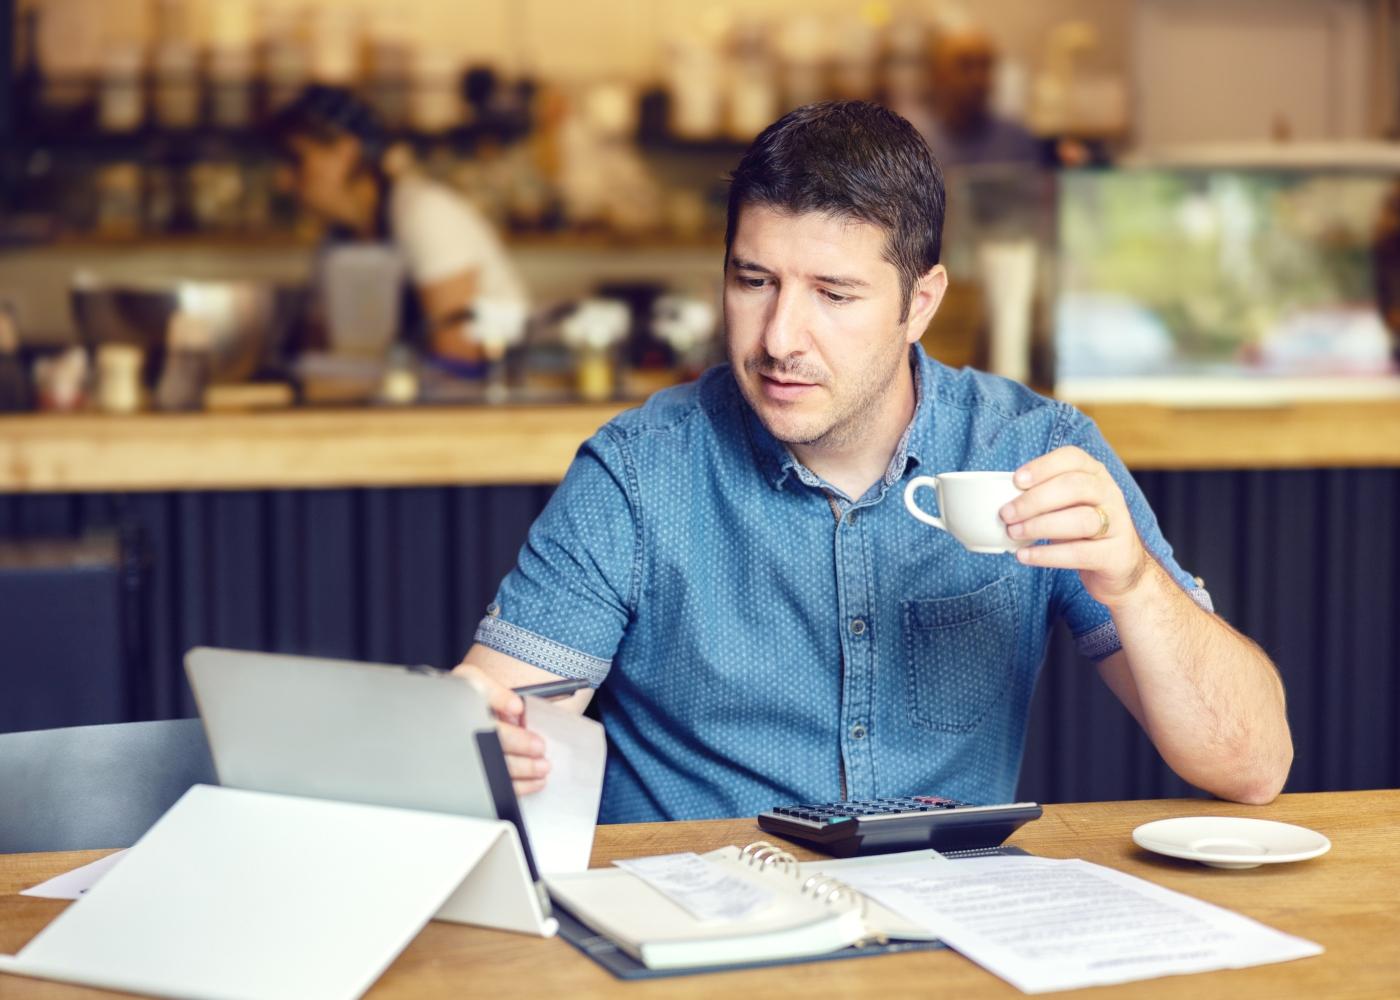 trabalhador independente a trabalhar num café